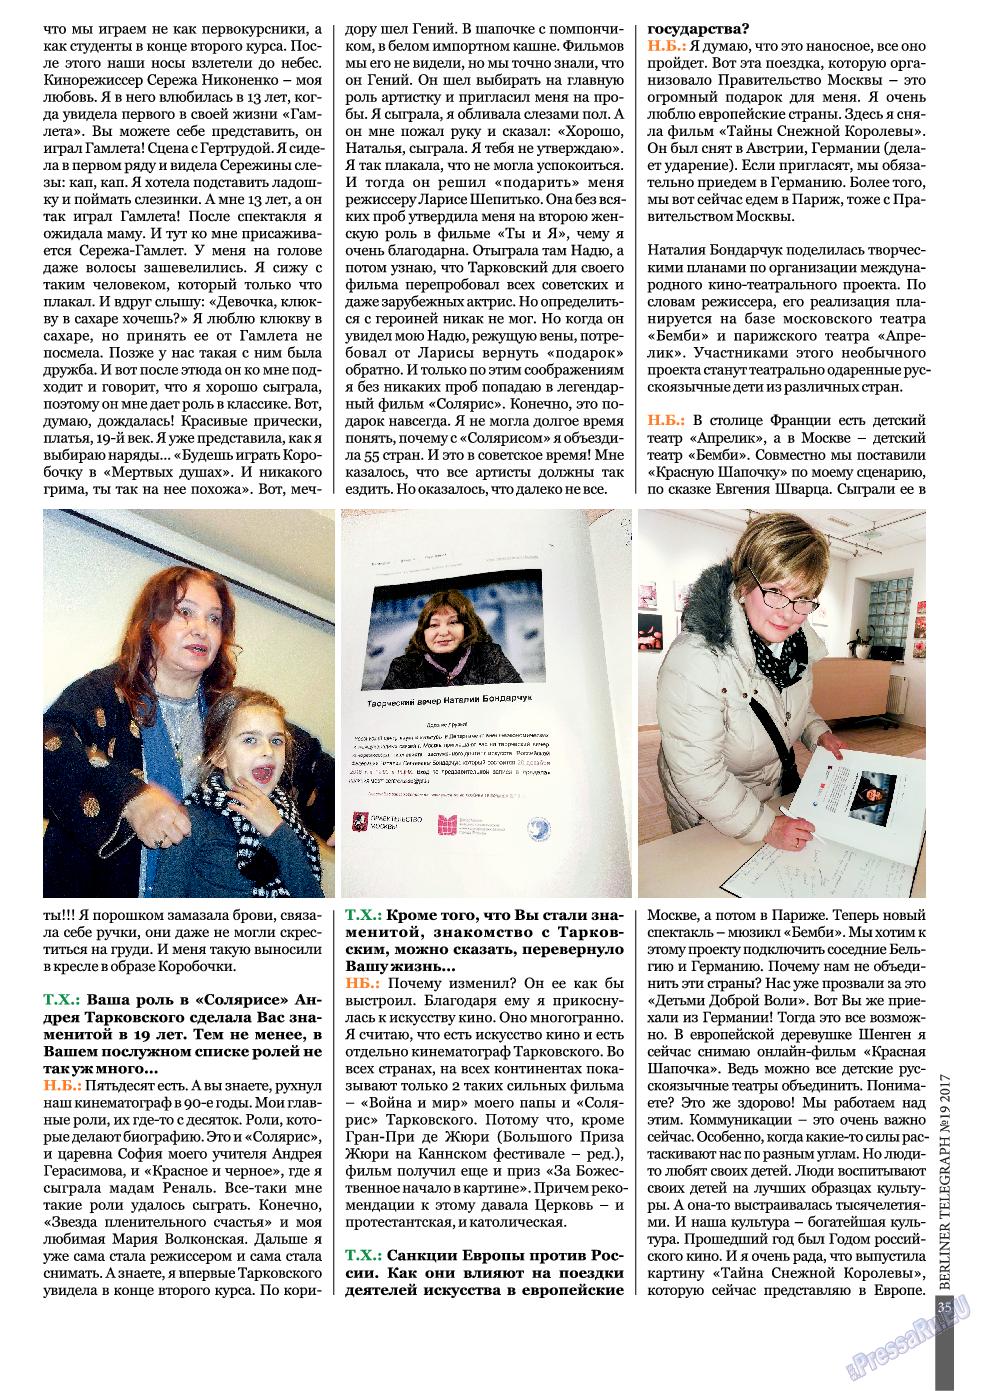 Берлинский телеграф (журнал). 2017 год, номер 19, стр. 35